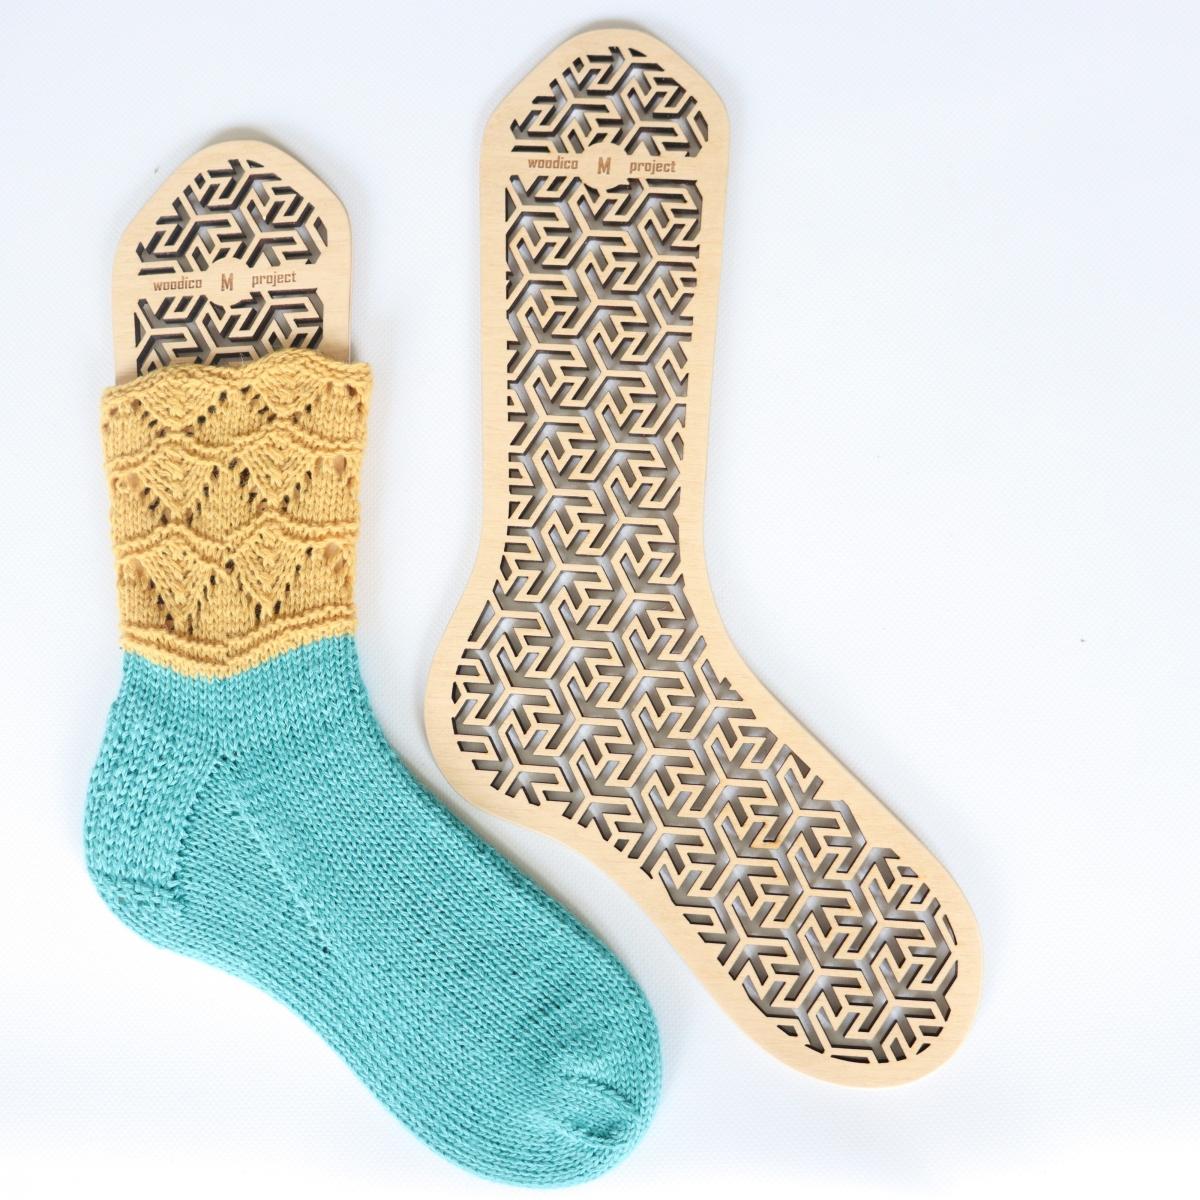 woodico.pro wooden sock blockers arrows 1200x1200 - Wooden sock blockers / Arrows